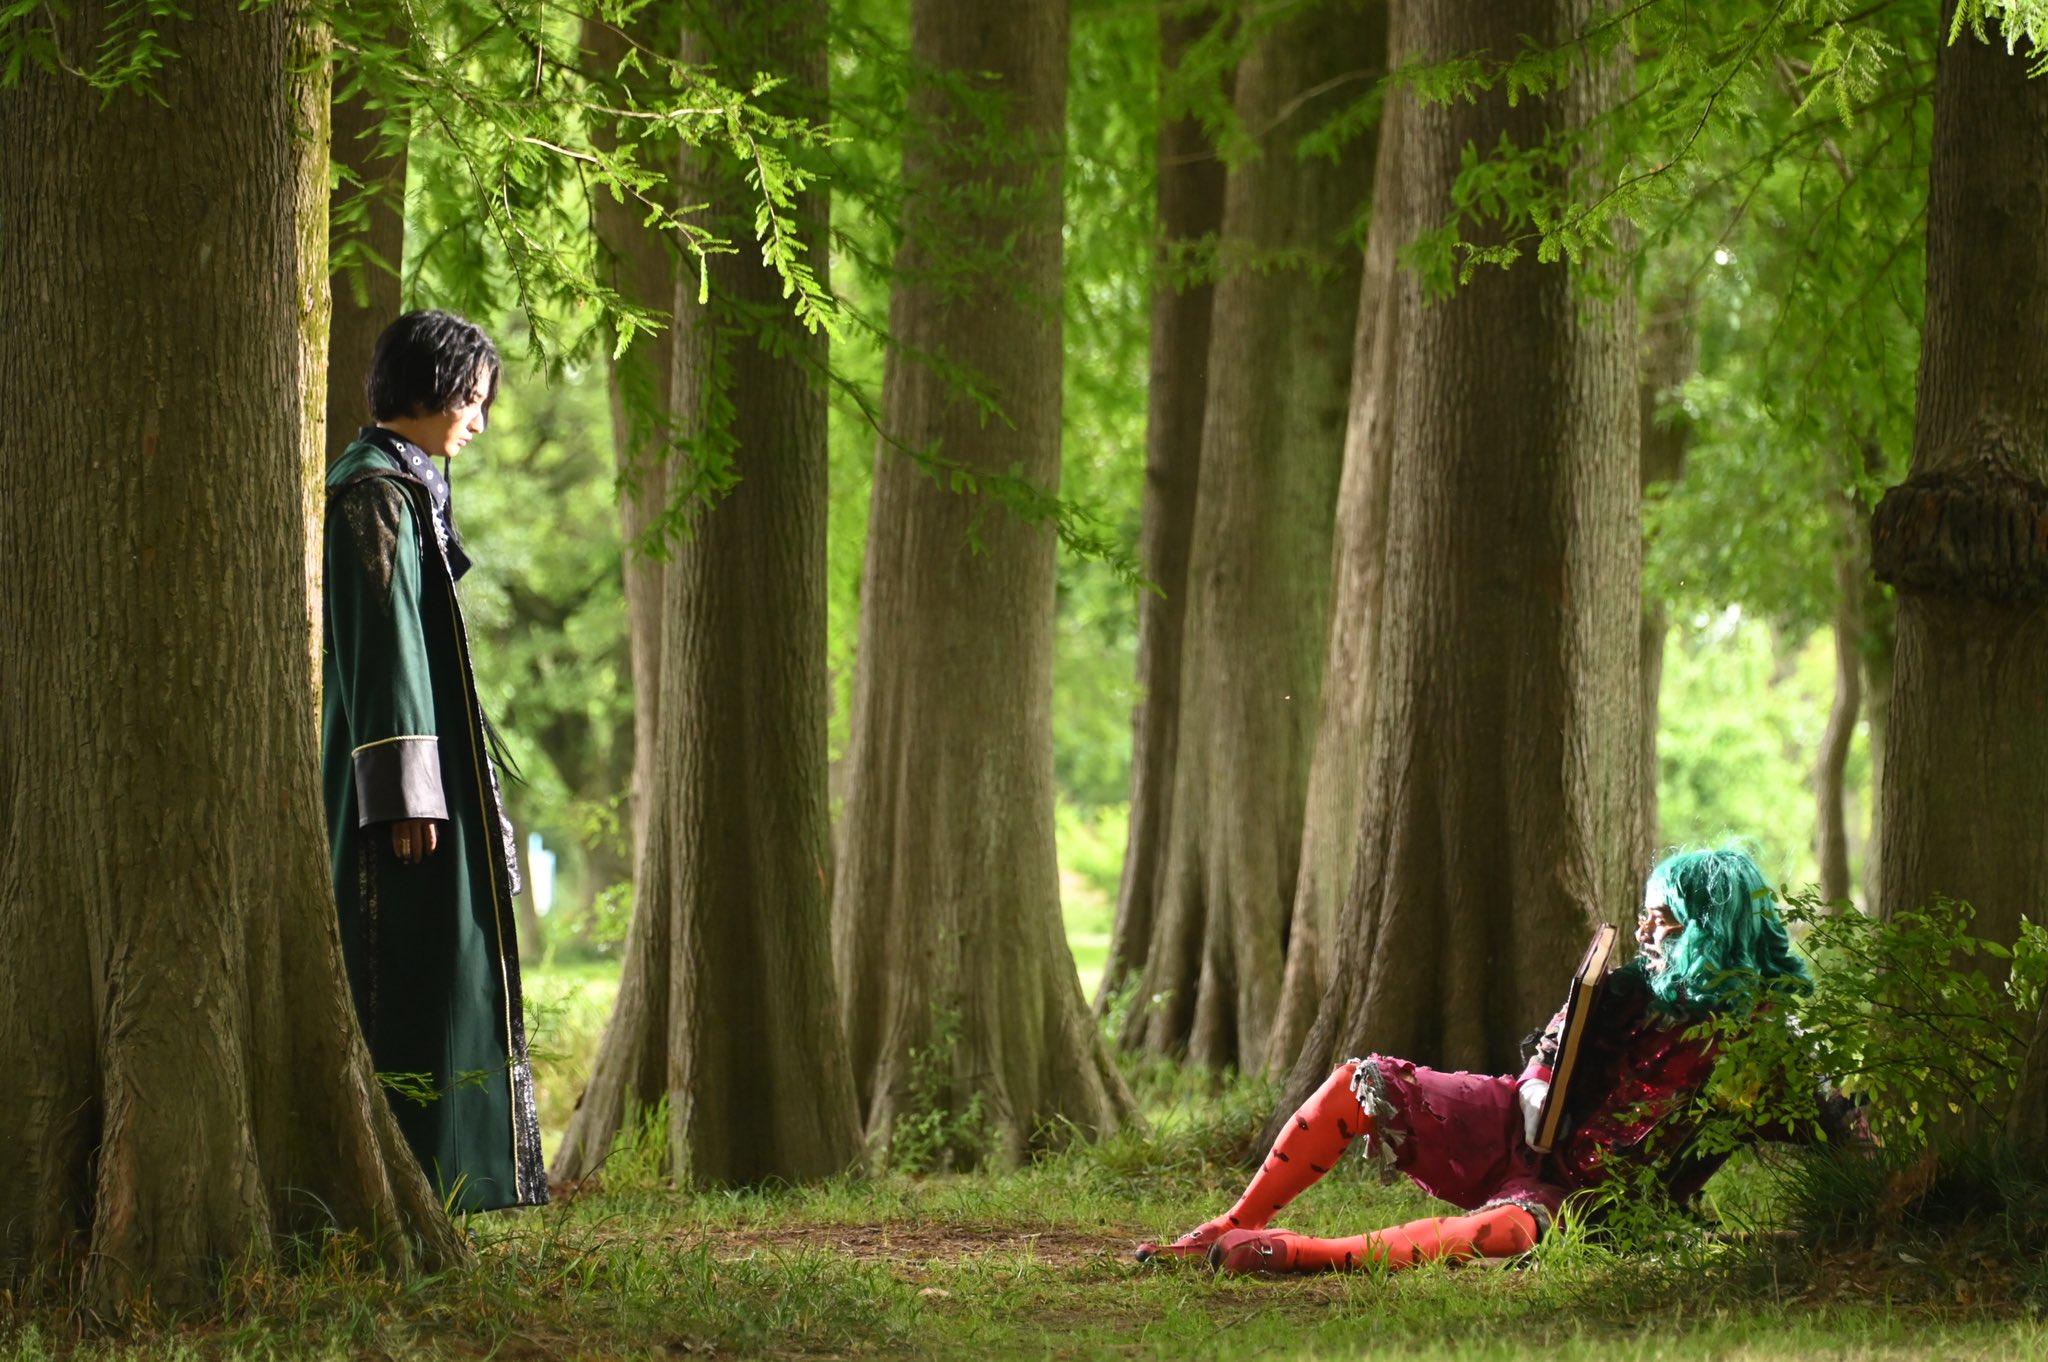 『仮面ライダーセイバー』第42話の新画像!タッセルが大ピンチ!デザストの想いと蓮の間に生まれるものとは?